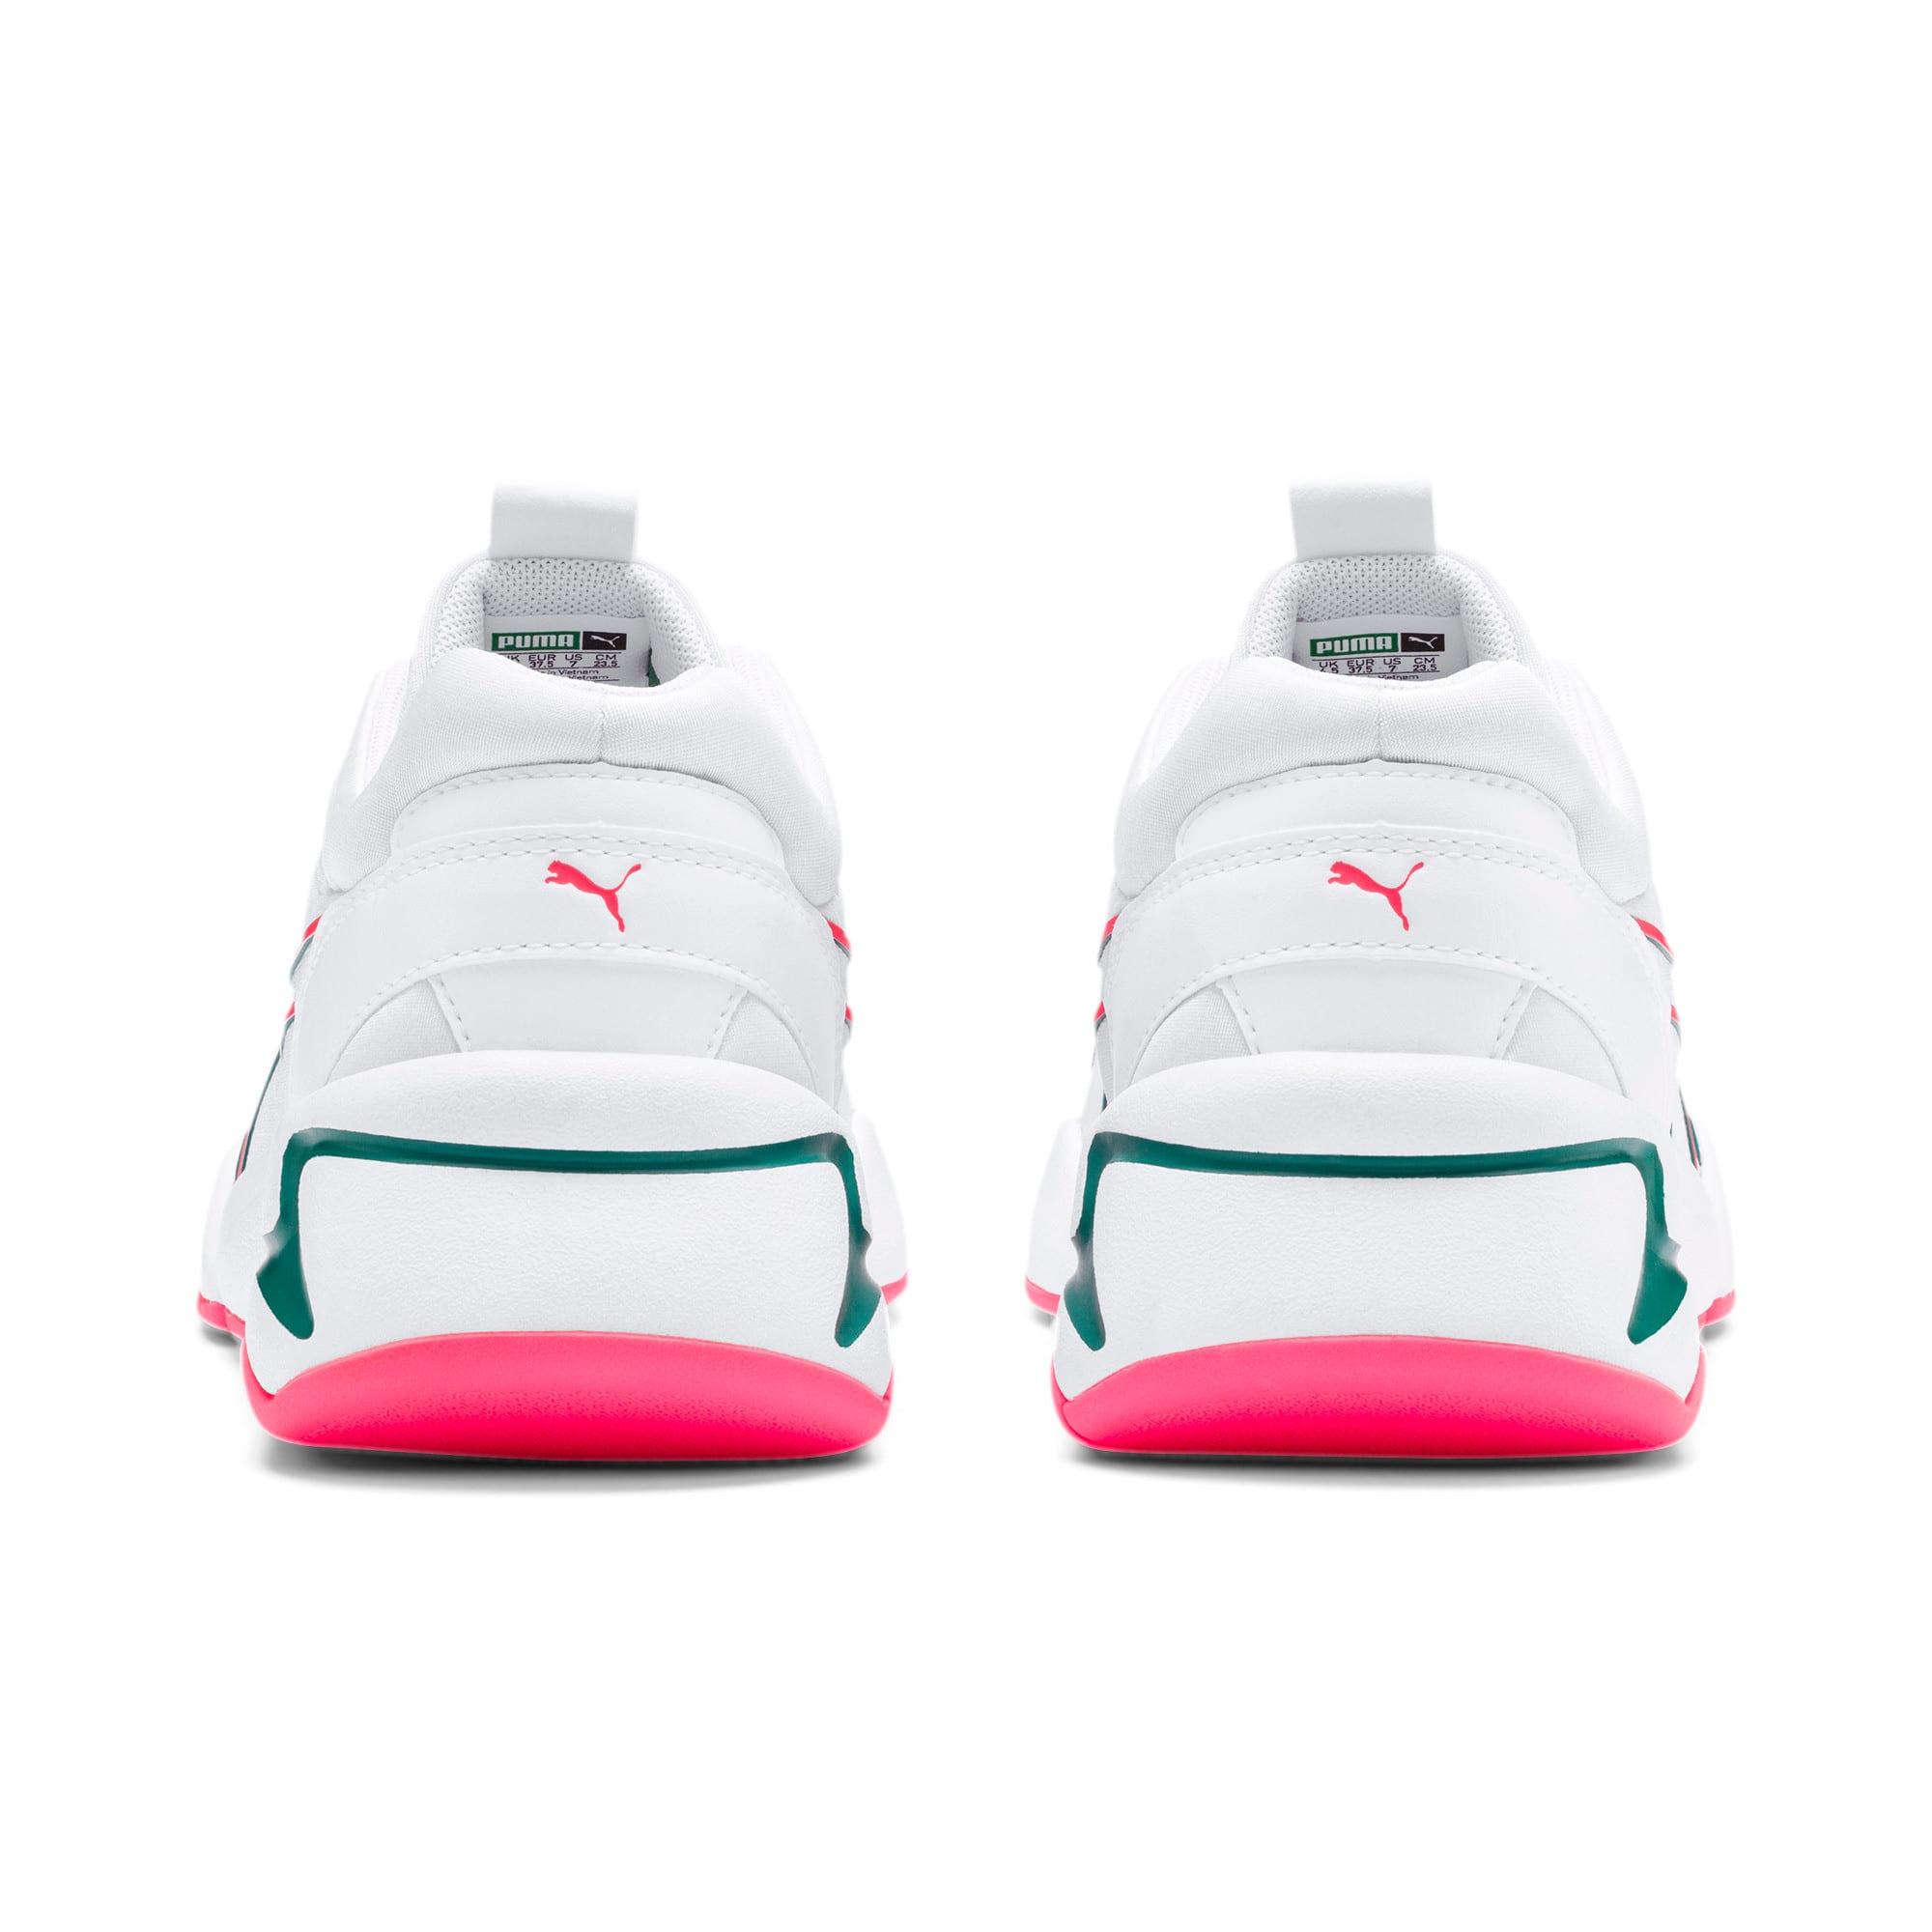 Imagen en miniatura 4 de Zapatillas de mujer Nova Hypertech IMEVA, Puma White, mediana